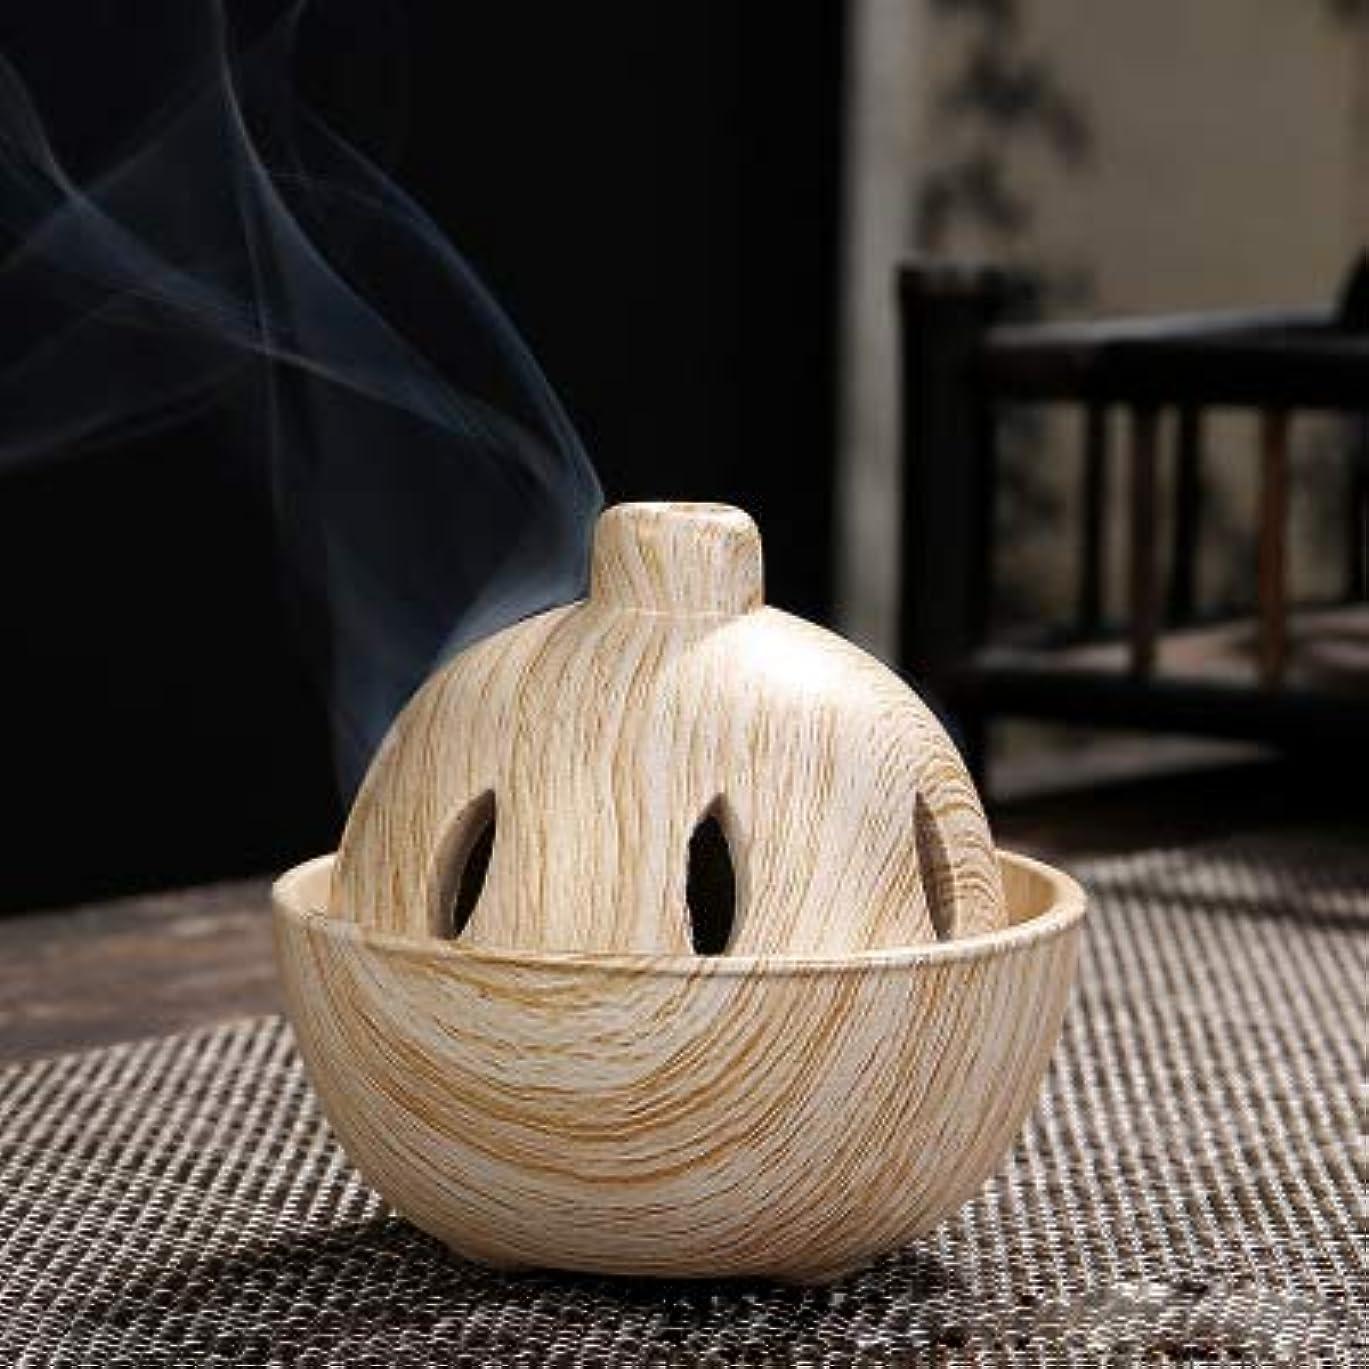 ブラウス説明的キリストPHILOGOD 陶器香炉 クリエイティブスタイリング 仏壇用 渦巻き線香立て 香皿 (Brown)